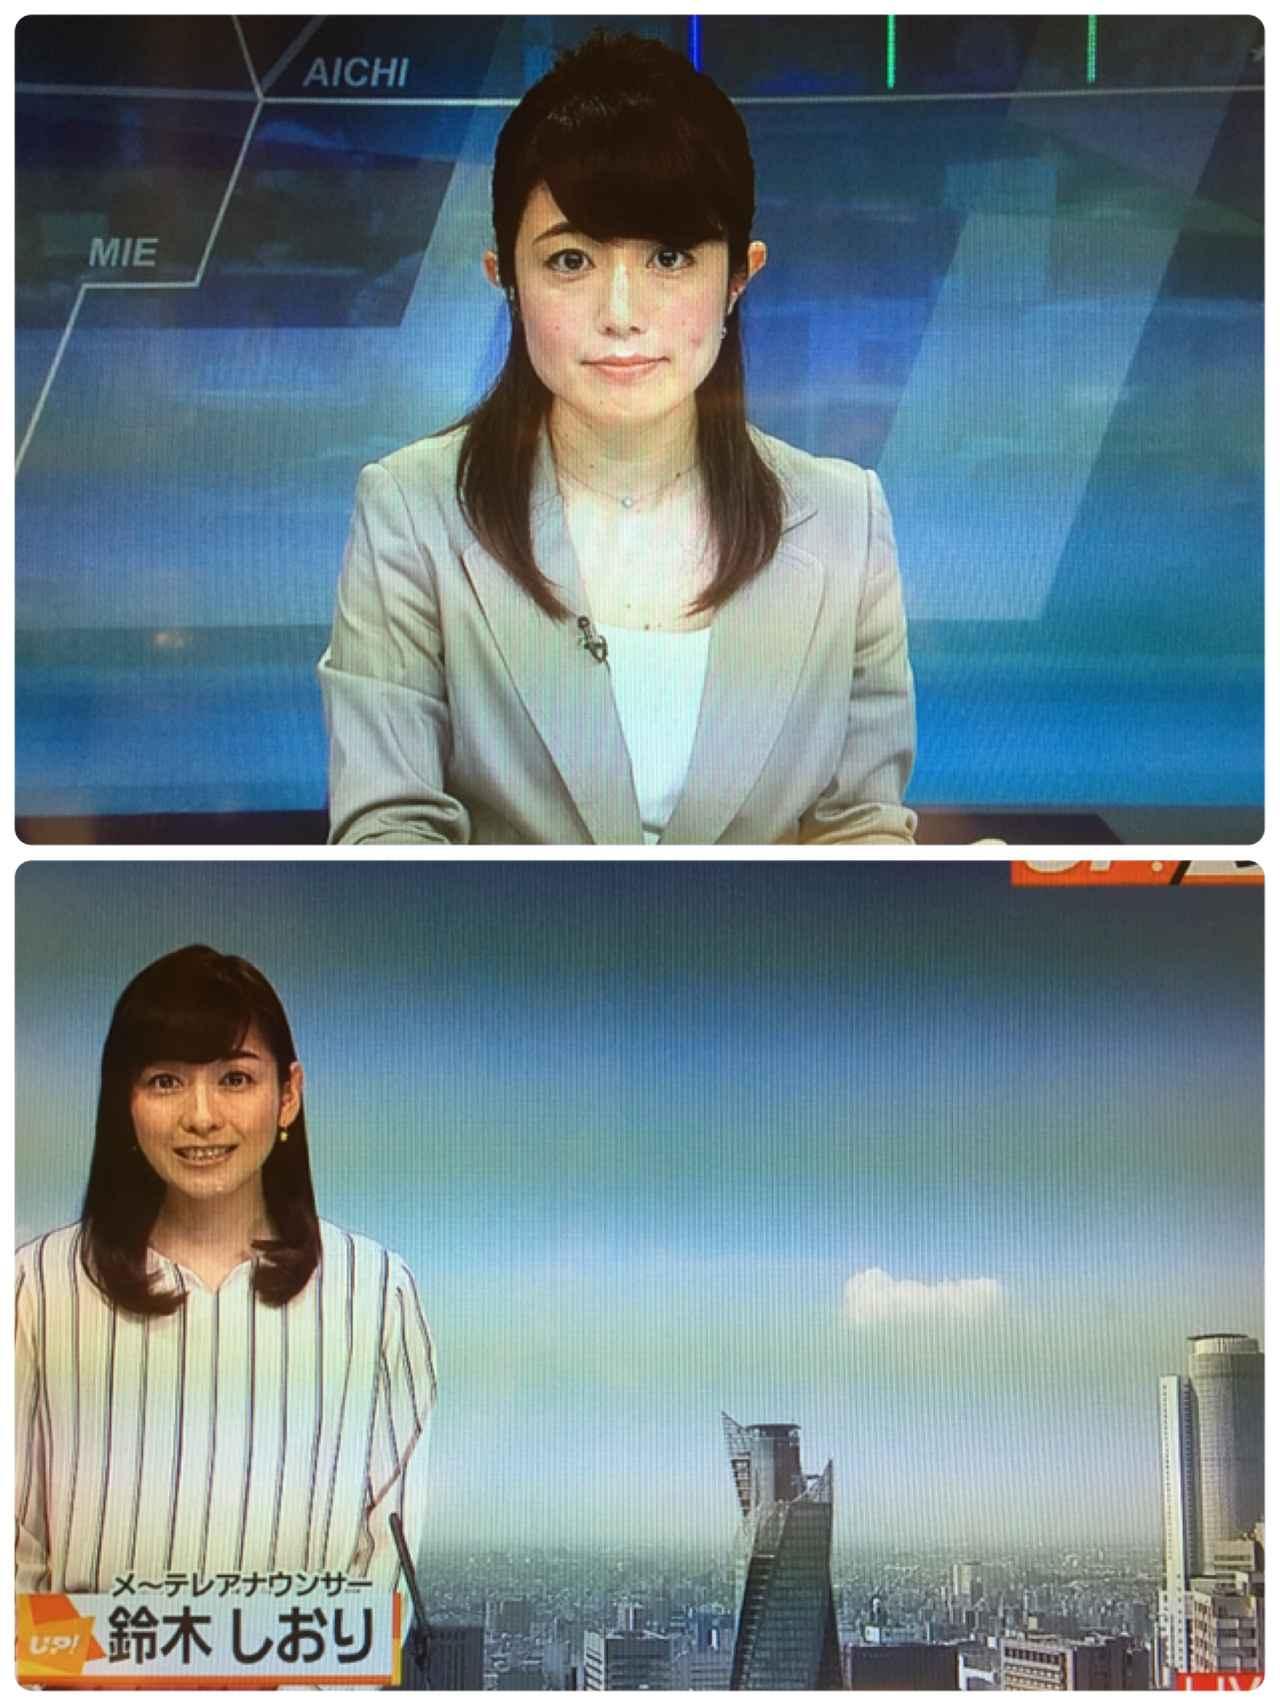 画像: ニュースから天気情報へ続きます。